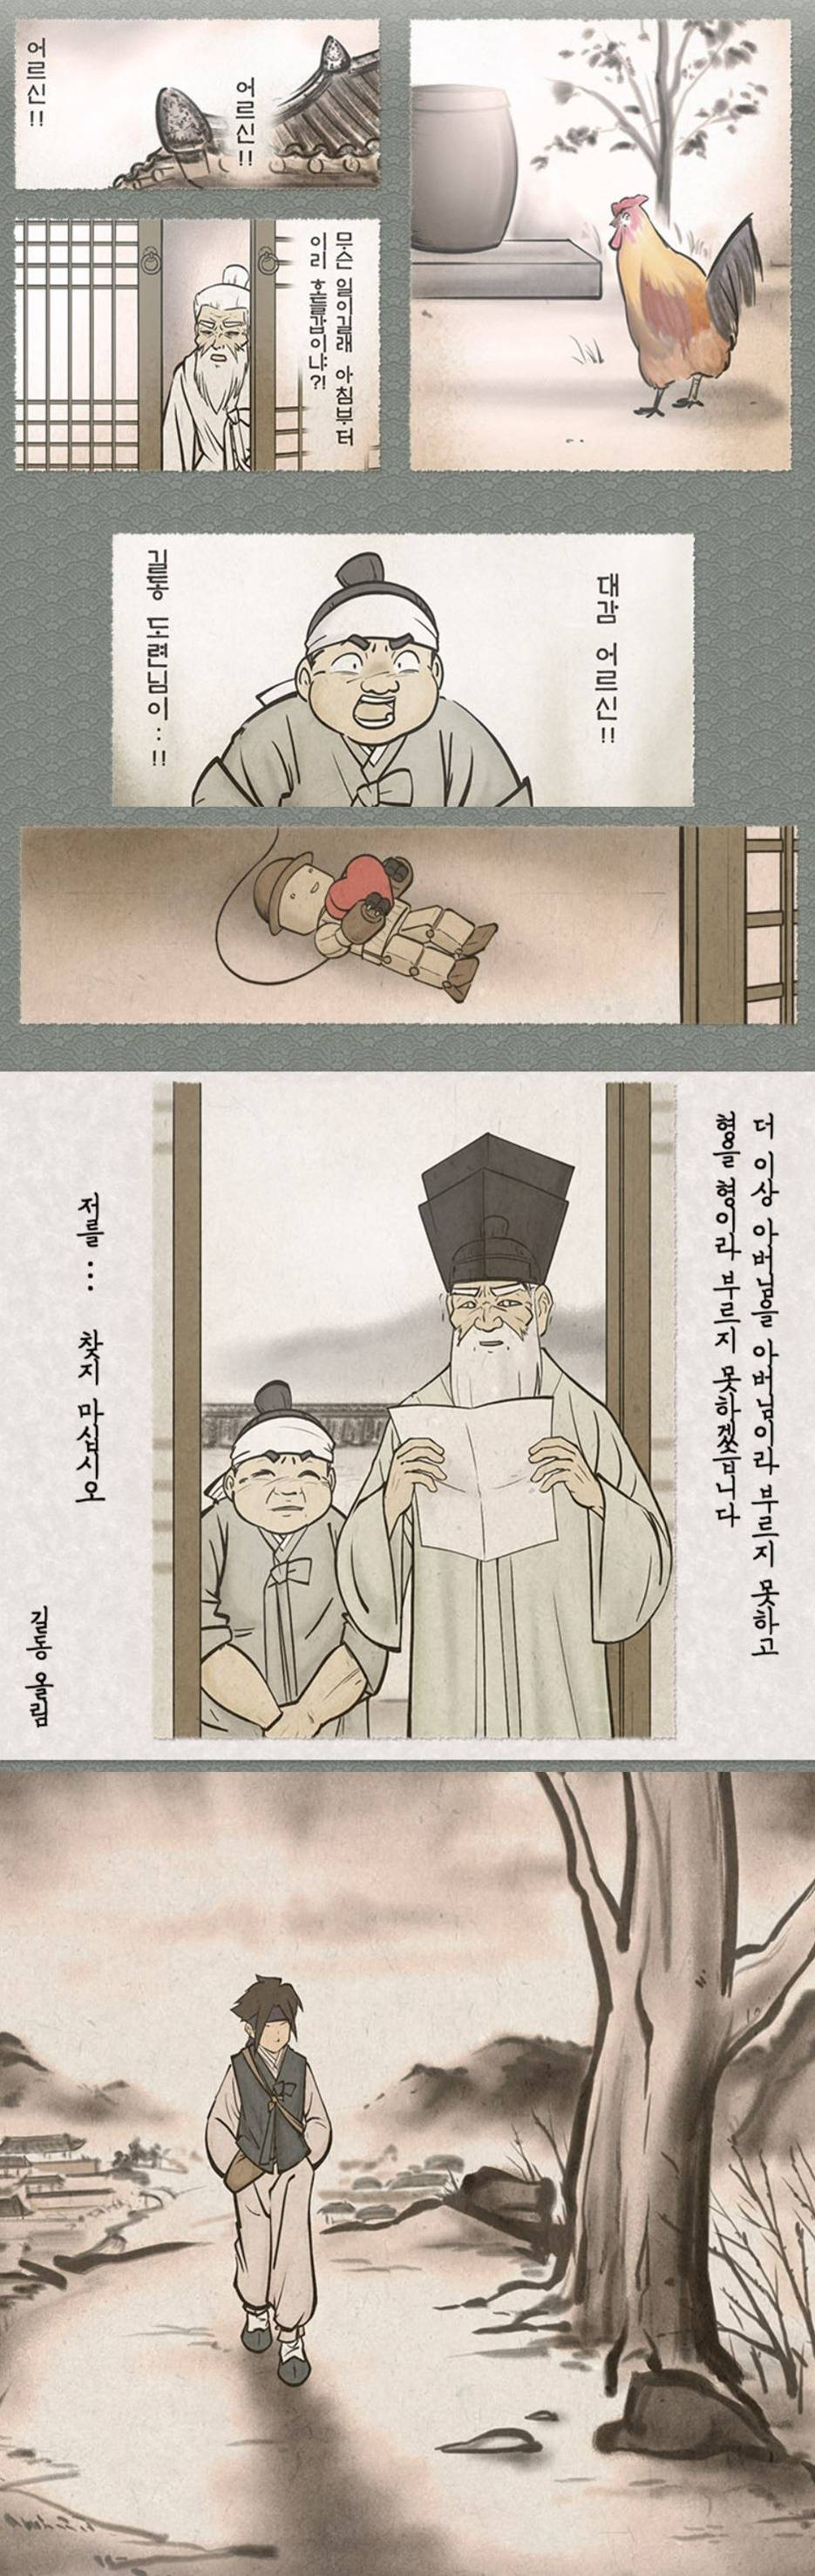 홍길동이 거대 로봇을 타고 싸우는 만화.manhwa   인스티즈